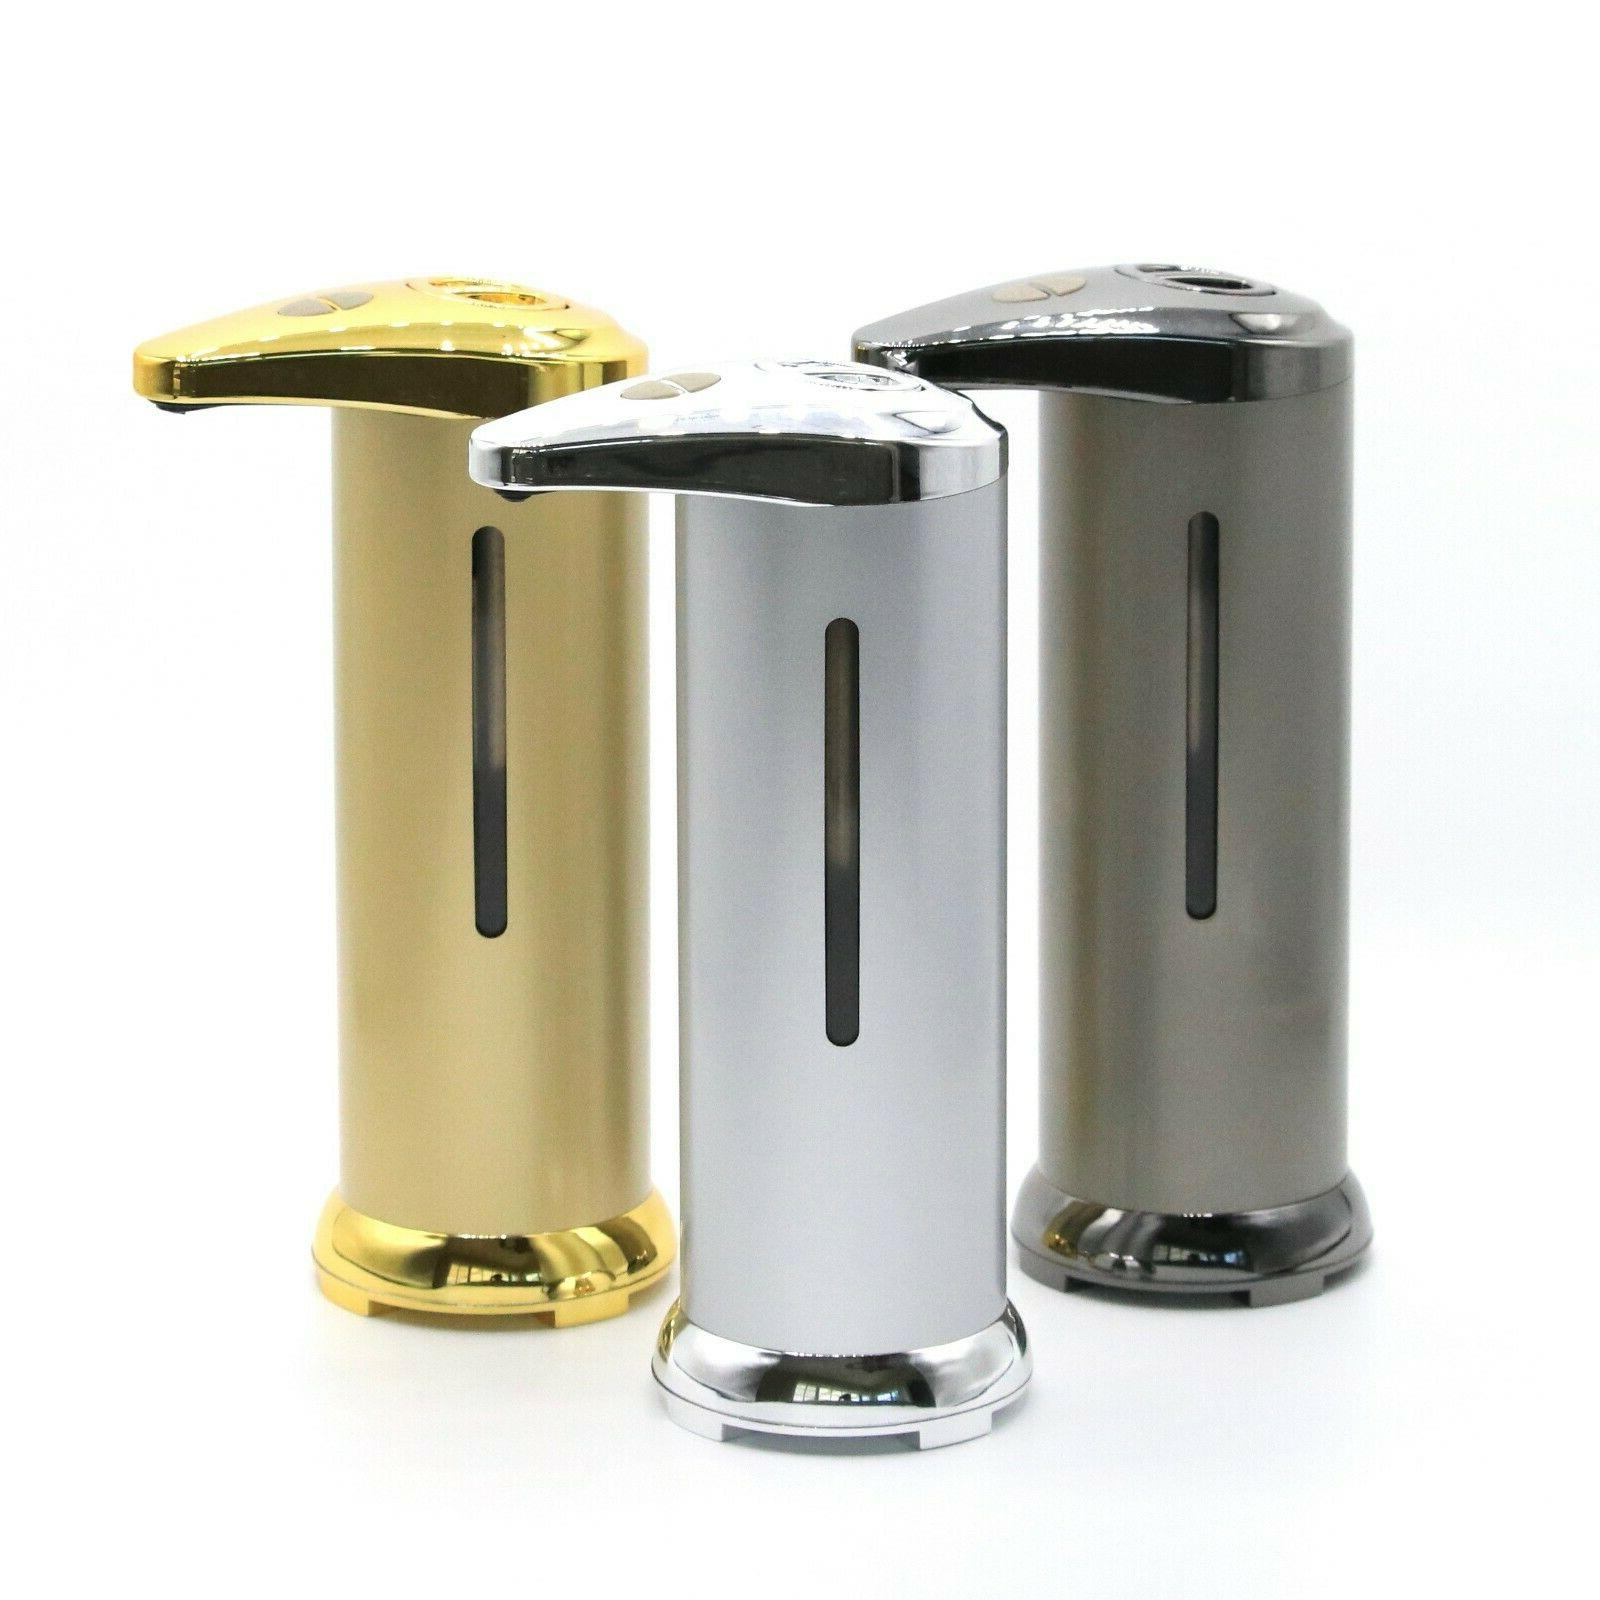 Automatic Liquid Soap Dispenser Sanitizer Touchless Hands Se